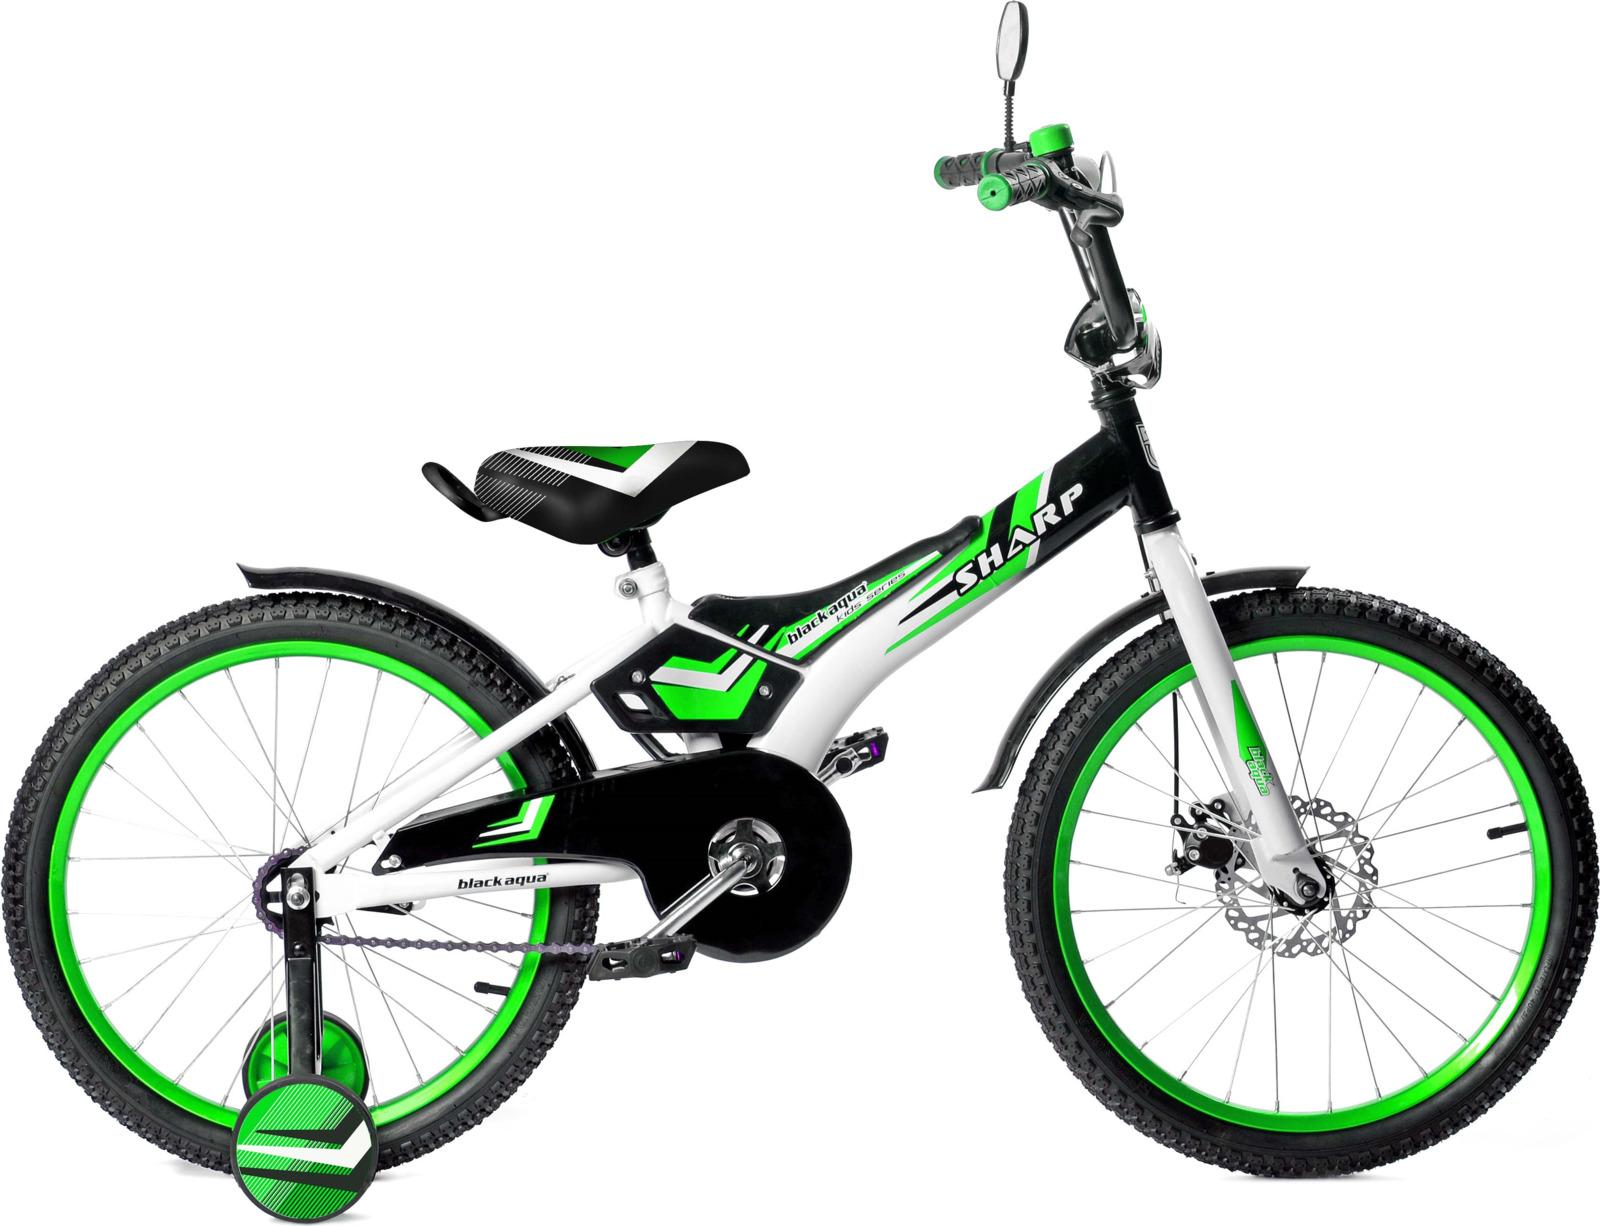 Велосипед детский Black Aqua Sharp, KG1410, со светящимися колесами, колесо 14, зеленый